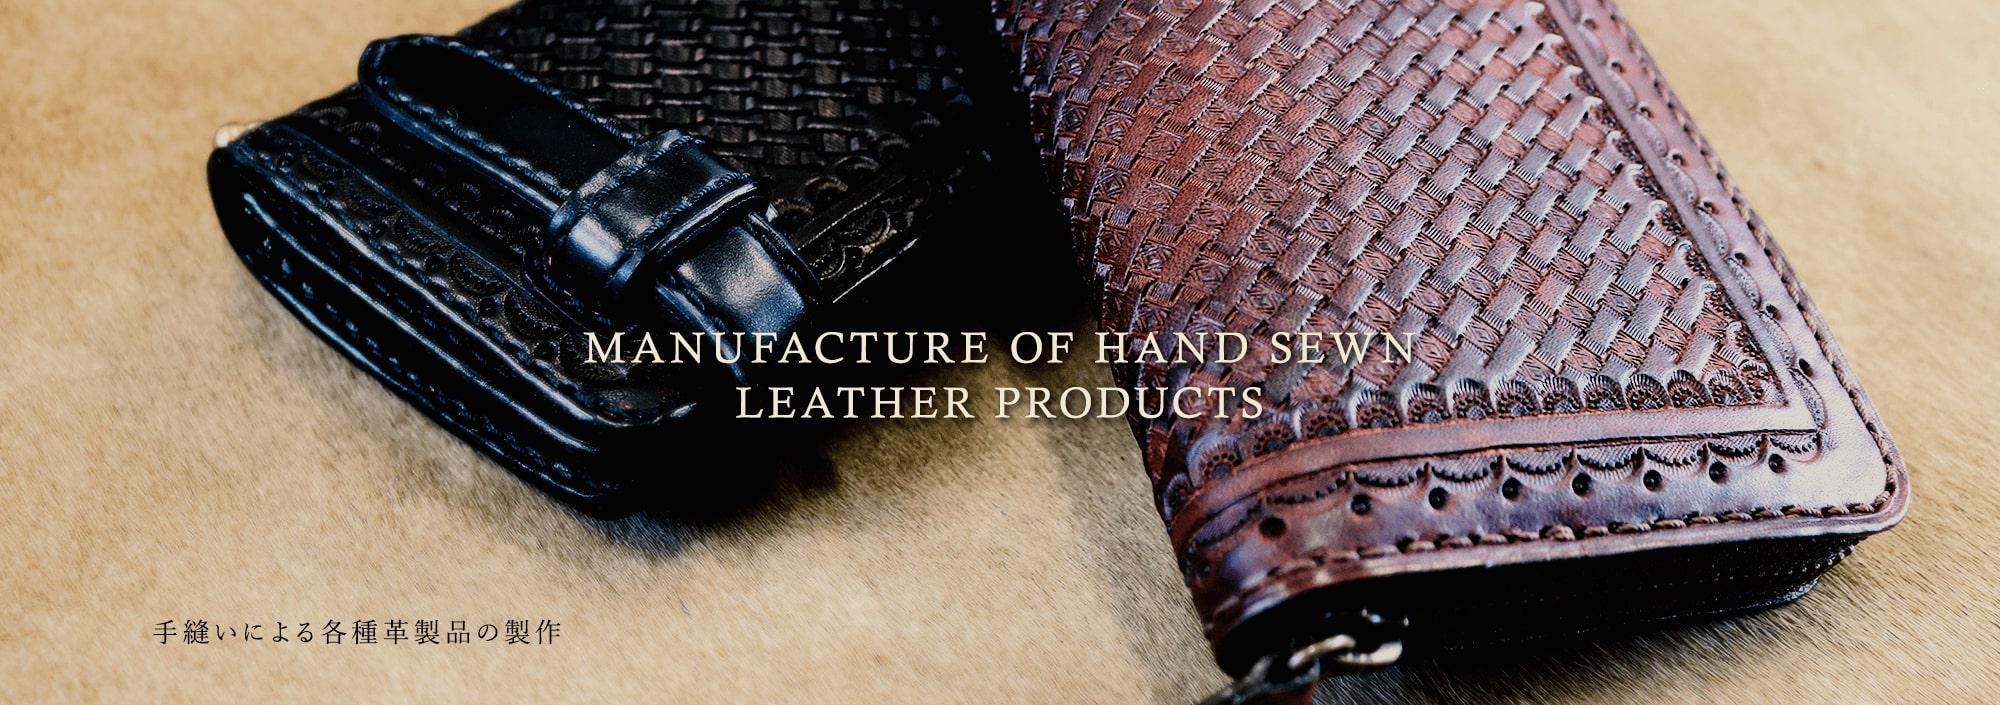 手縫いによる各種革製品の製作